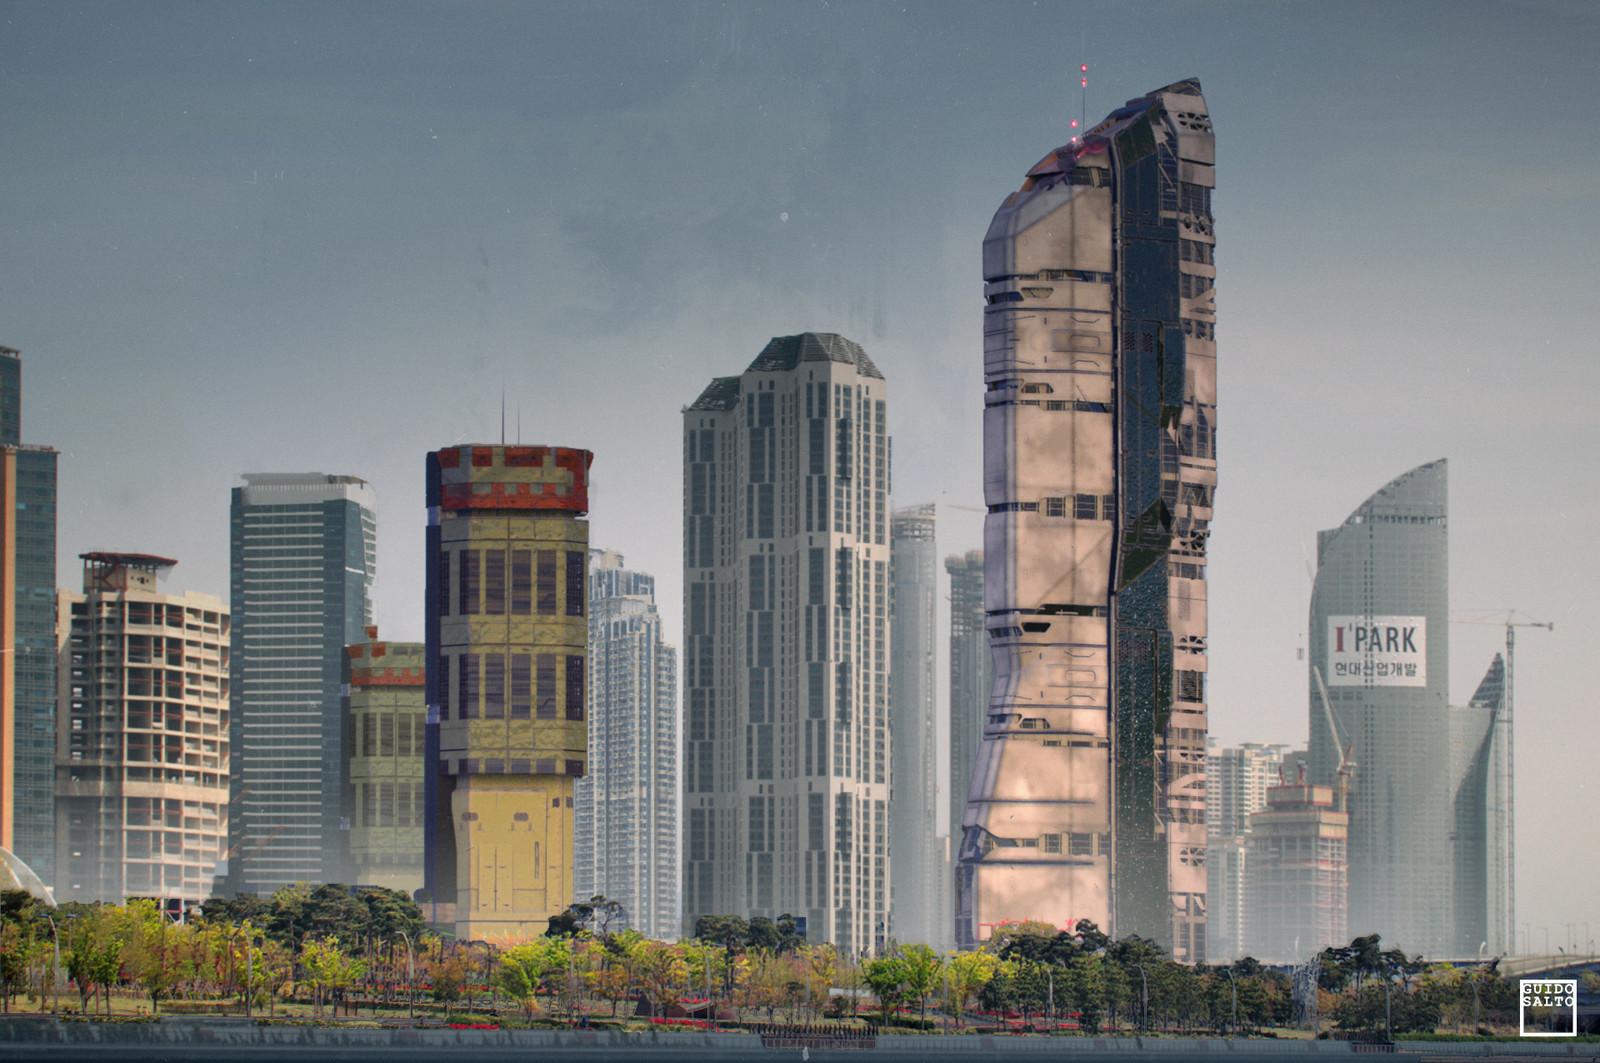 SciFi Buildings design